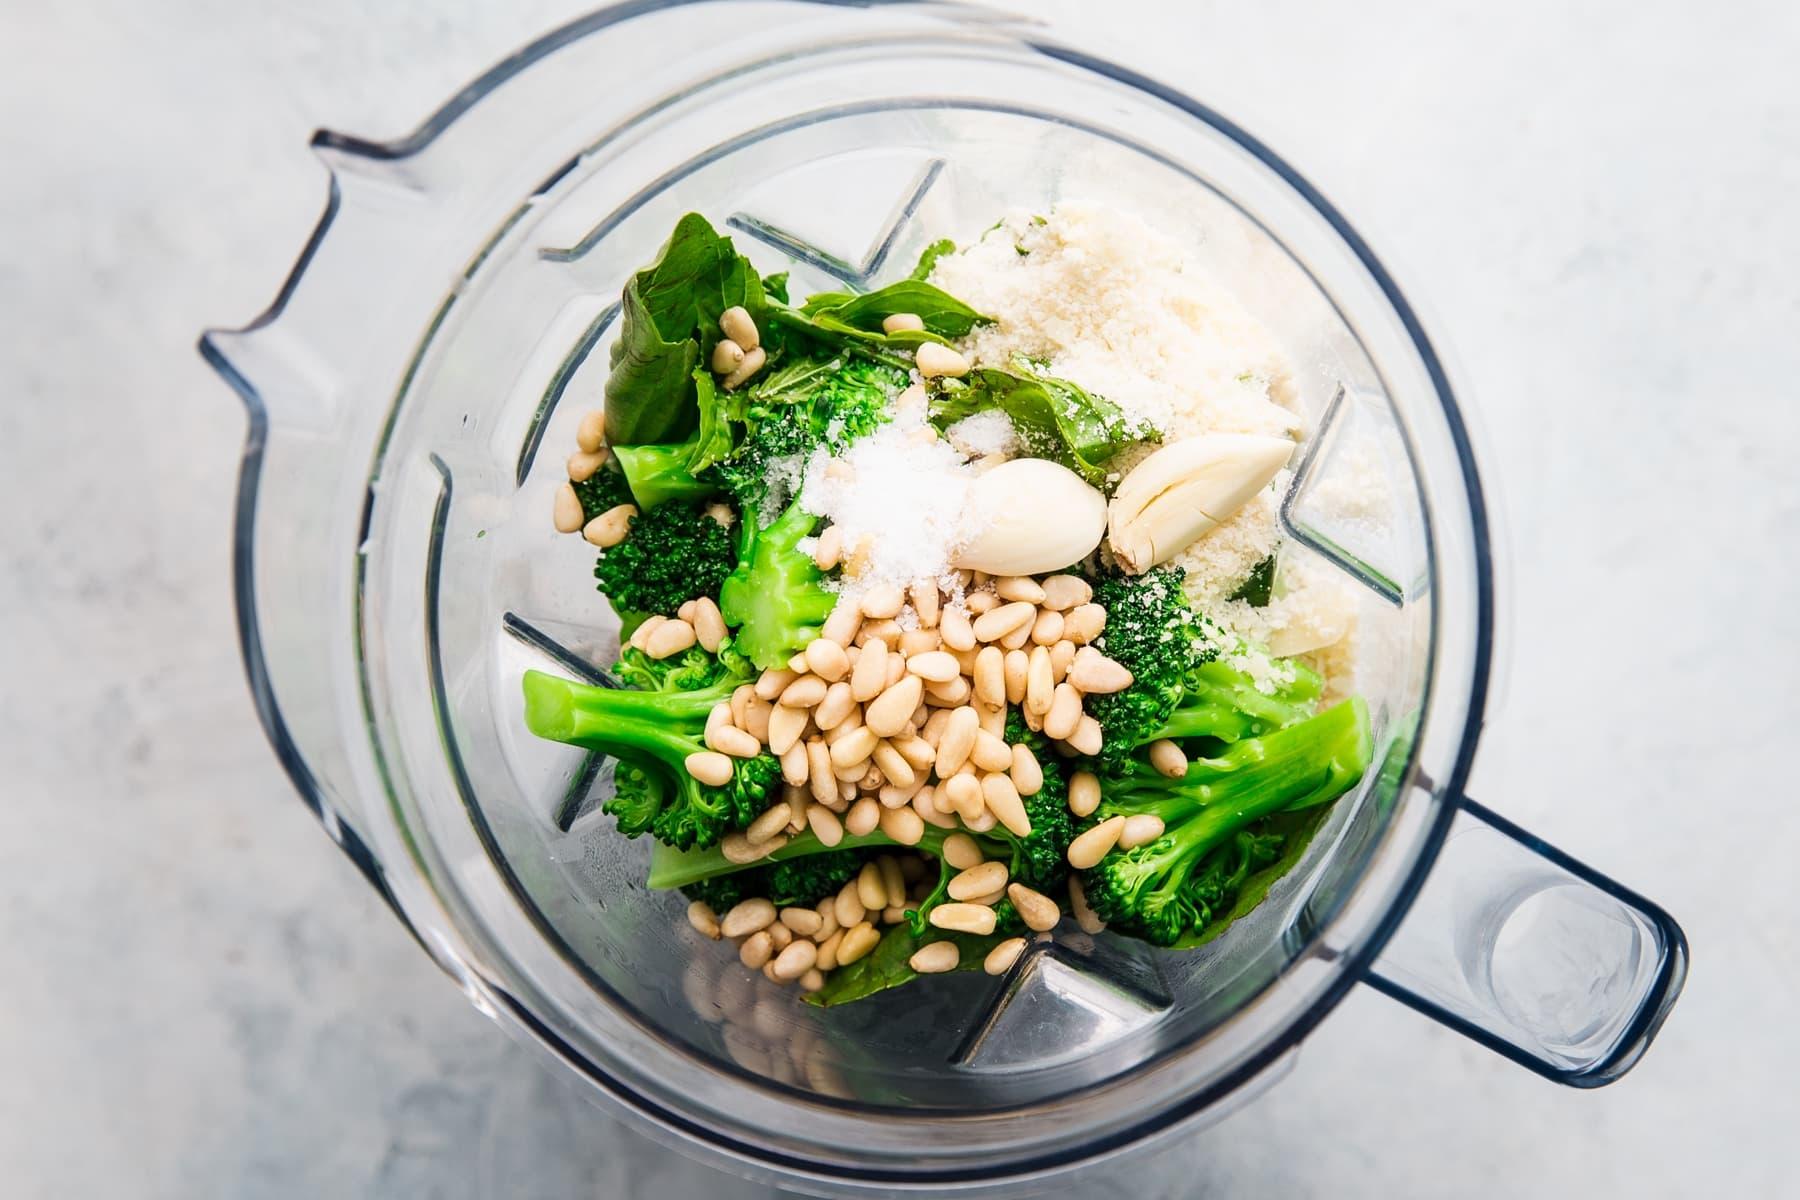 Zutaten für Brokkoli-Pesto-Nudeln, Rigatoni, Knoblauch-Parmesan, Olivenöl, Pinienkerne, Salz, Basilikum in einem Mixer